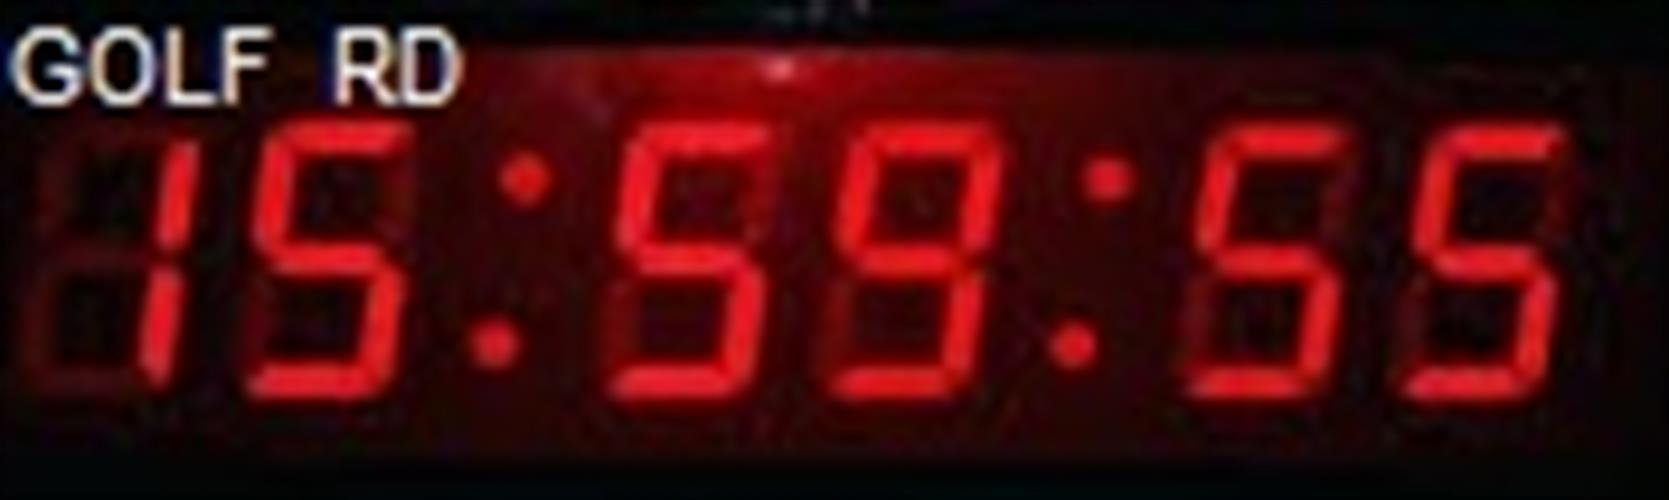 שעון קיר חשמלי לד GOLF 9623 טיימר וסטופר